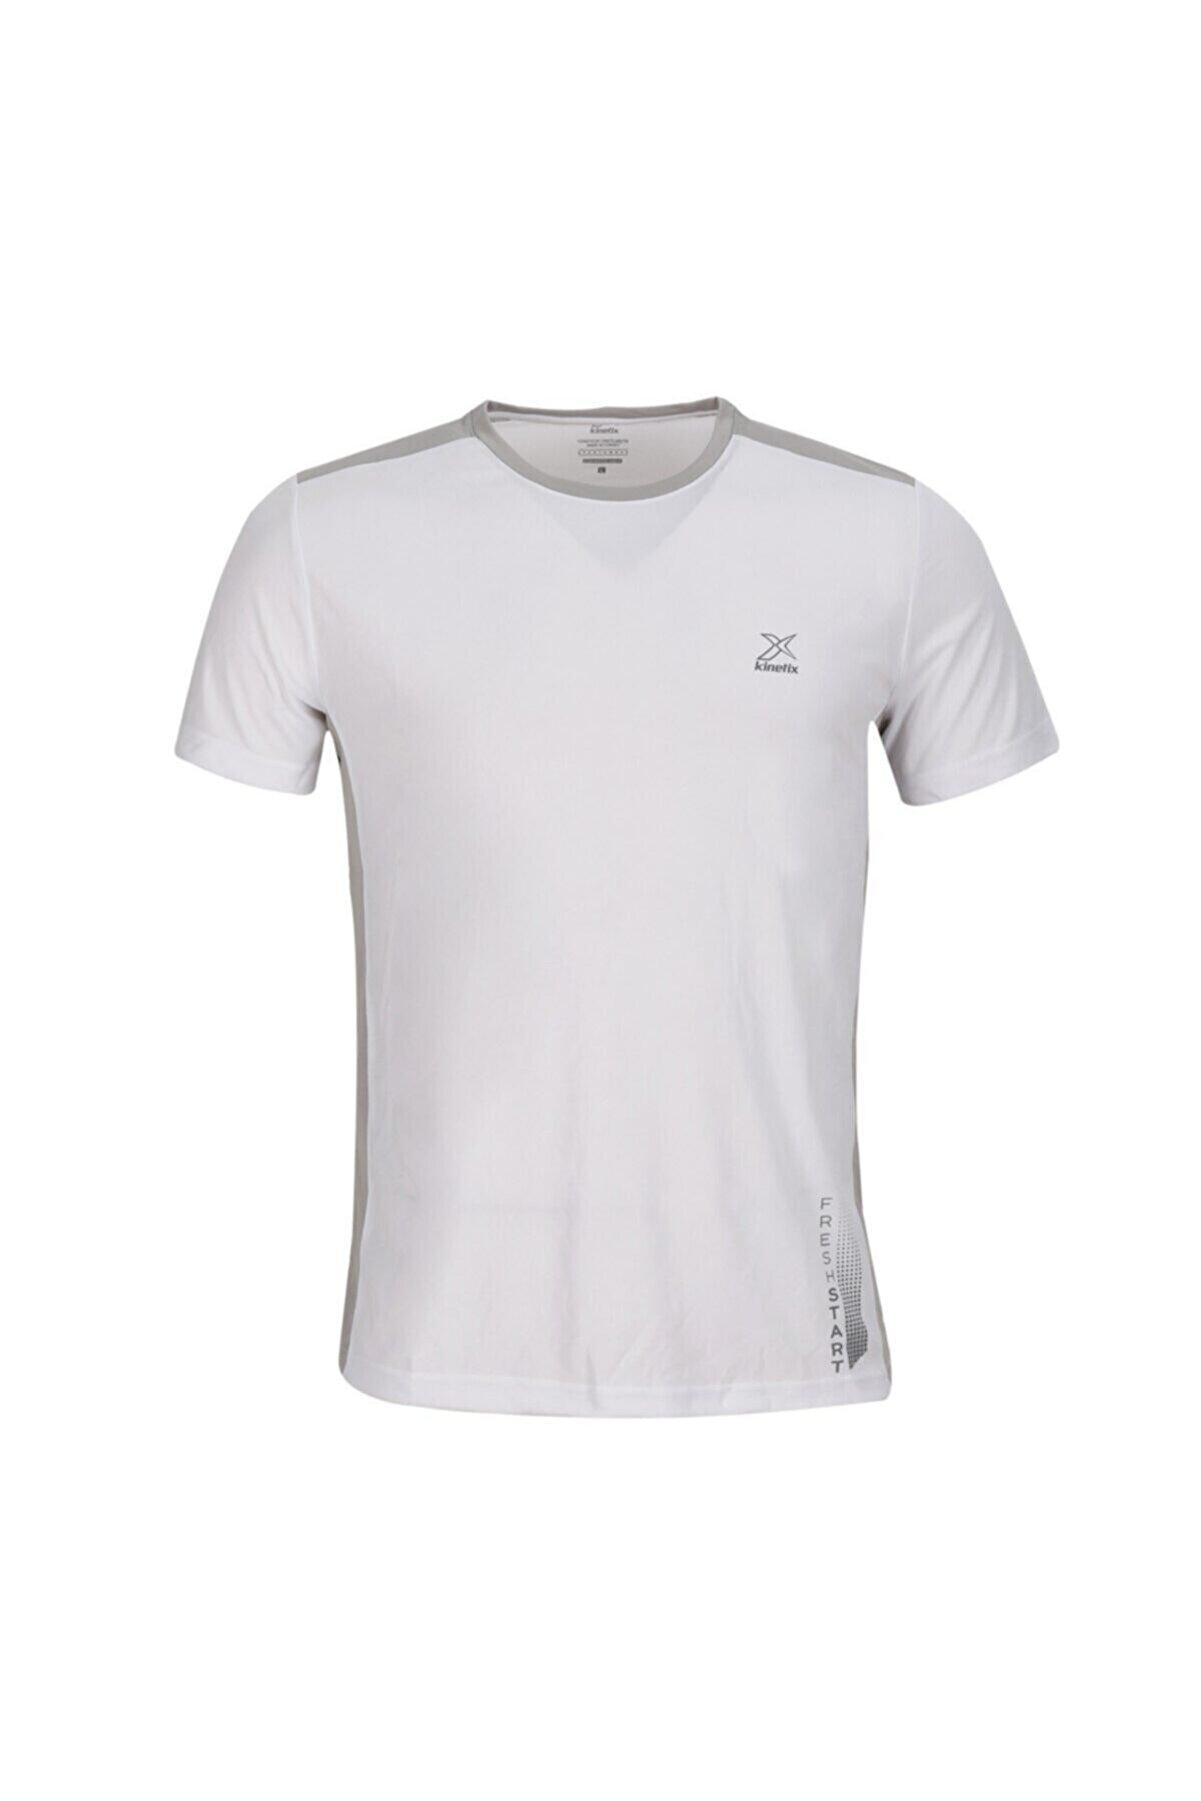 Kinetix SN243 ETON T-SHIRT Beyaz Erkek T-Shirt 100583207